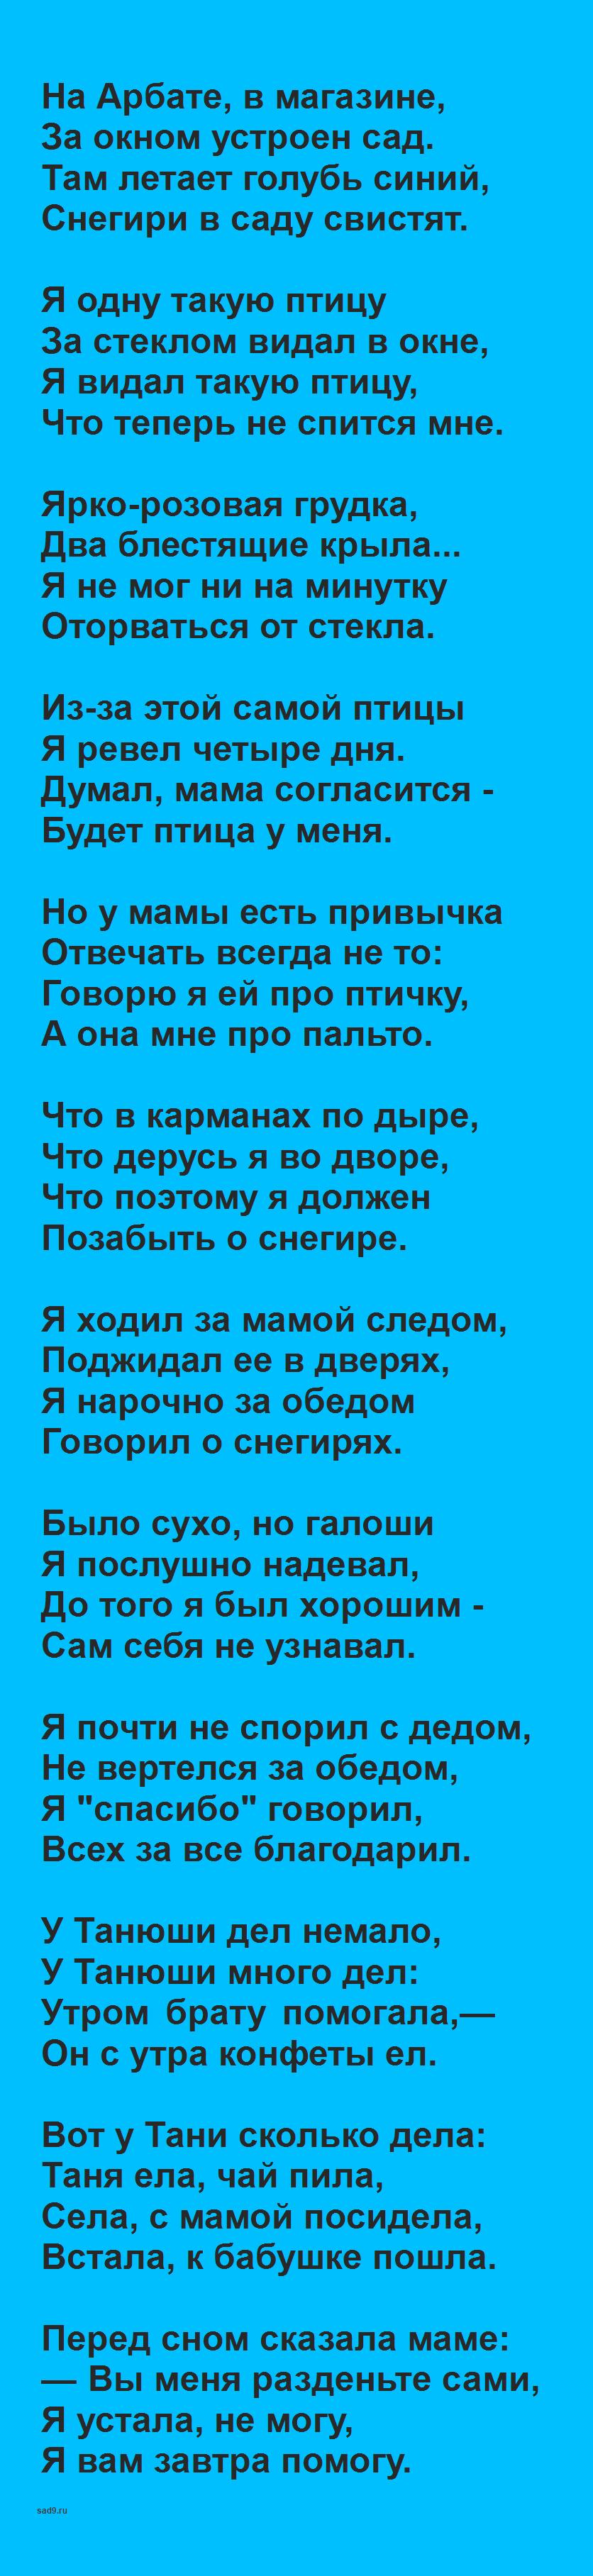 Детские стихи Барто - Помощница